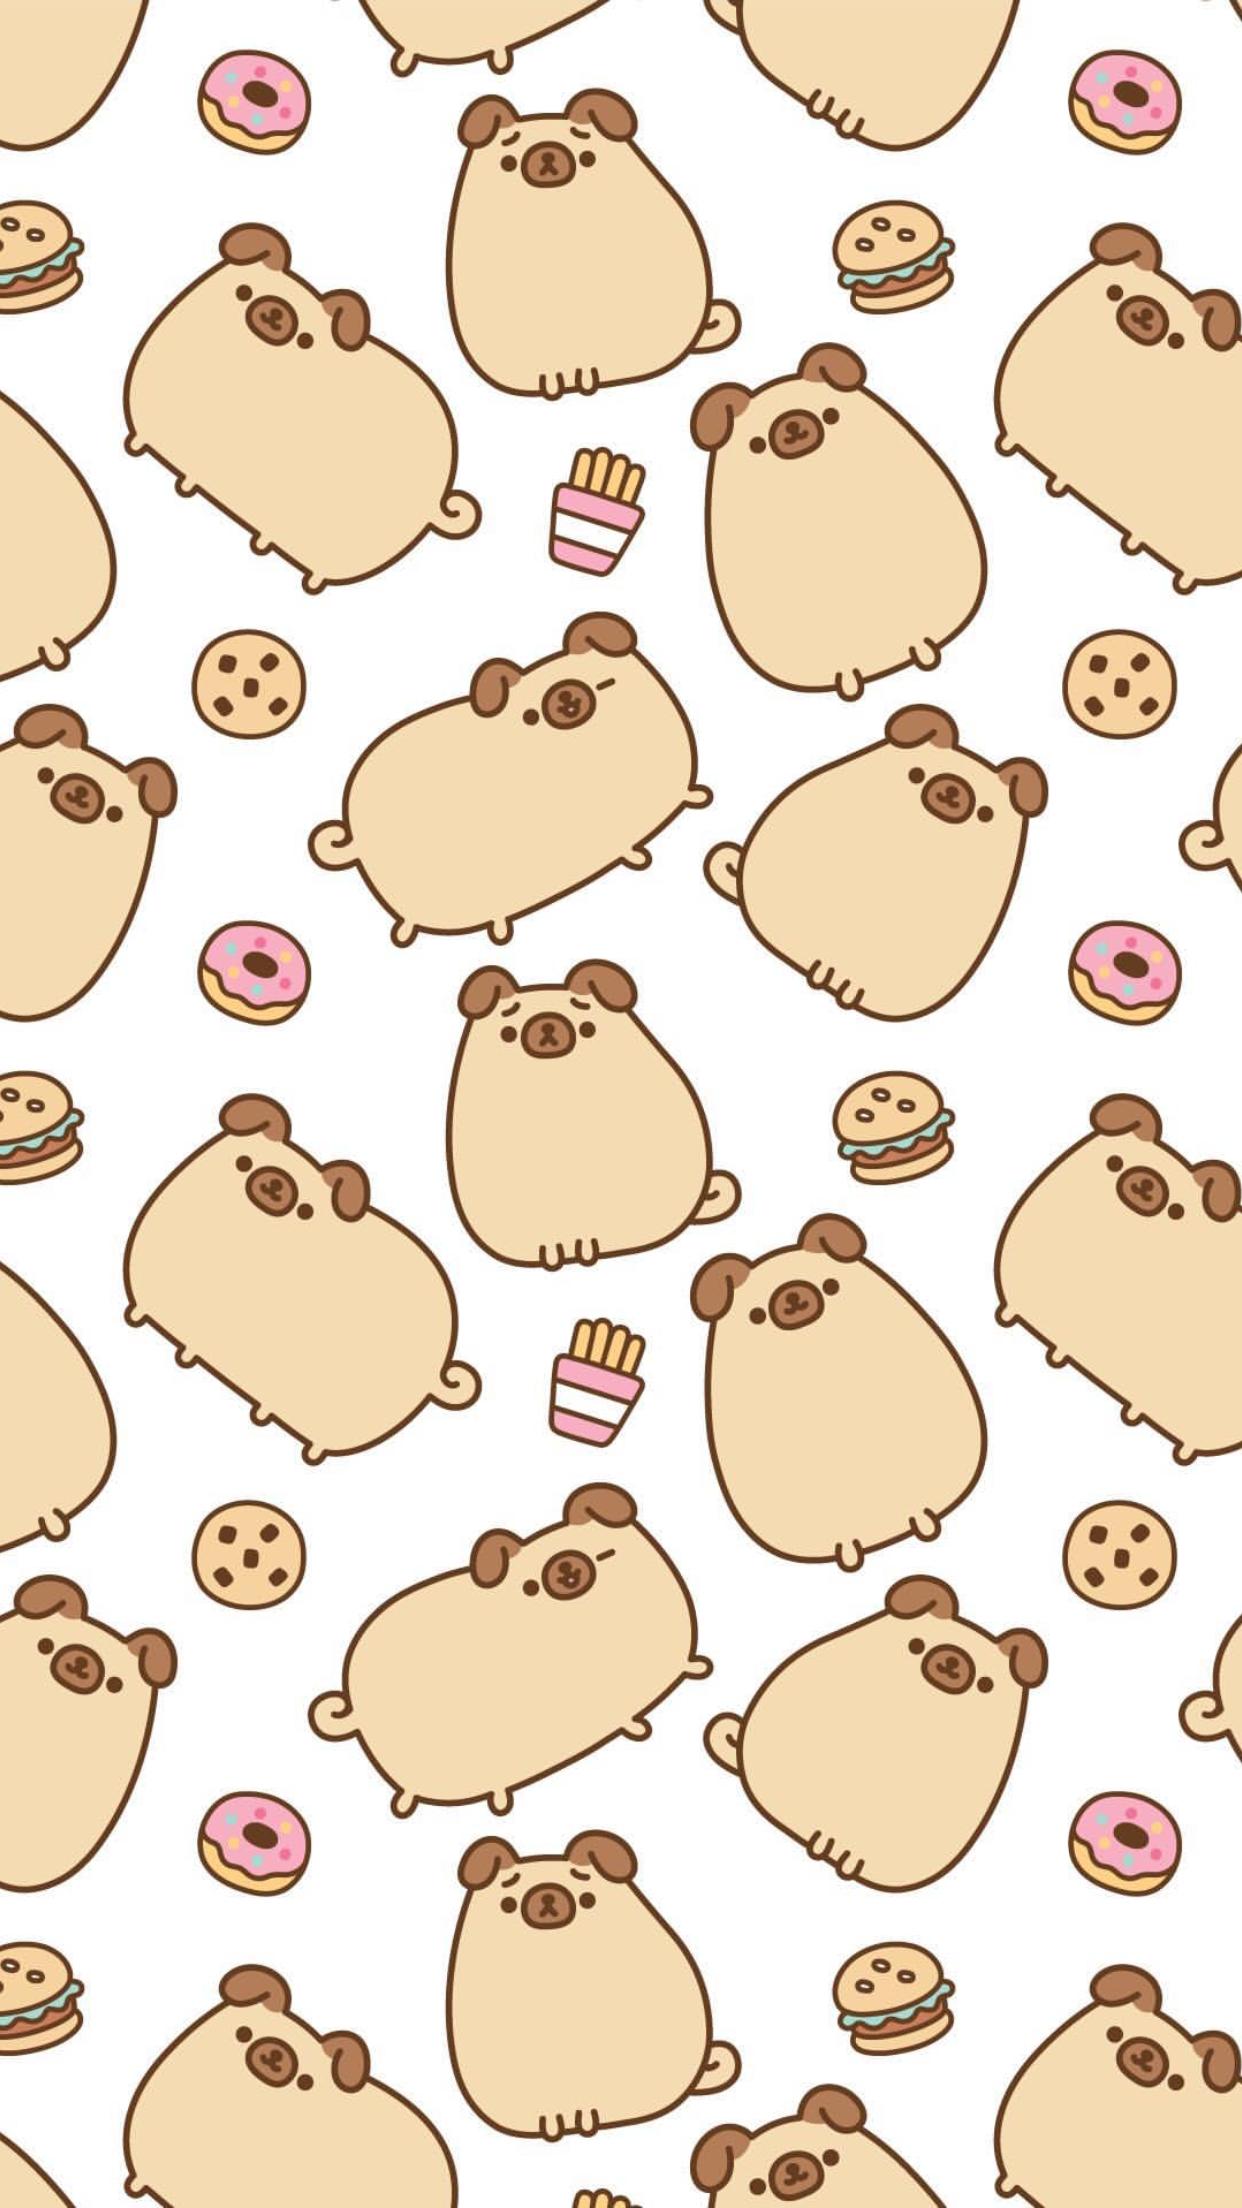 Pin By Emily Chan On Pusheen Cute Cartoon Wallpapers Dog Wallpaper Pusheen Cat